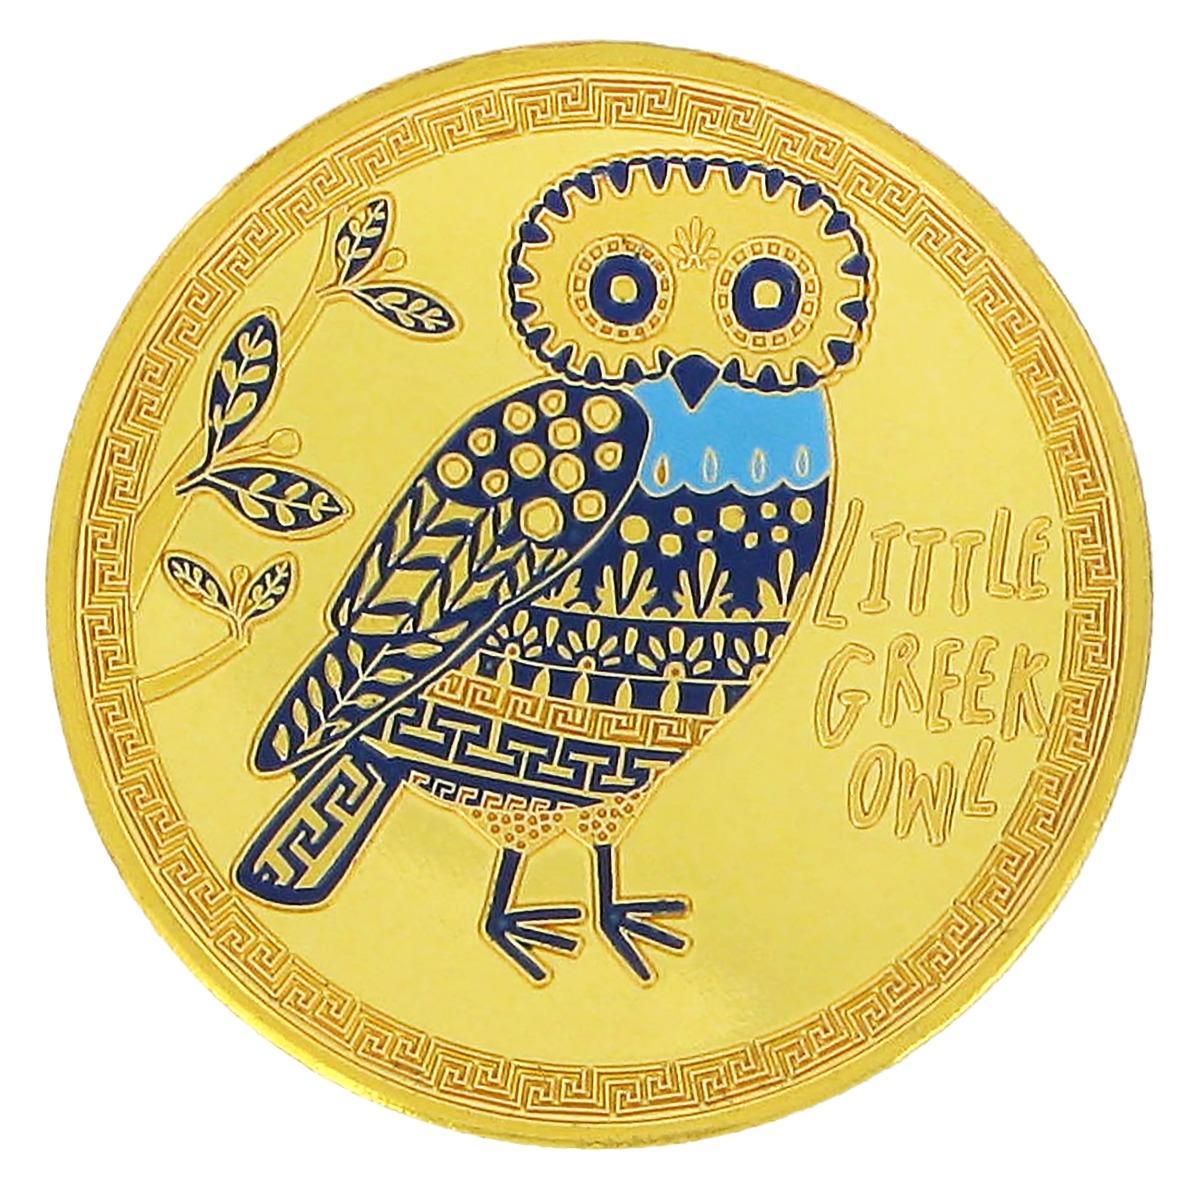 Little owl souvenir coin